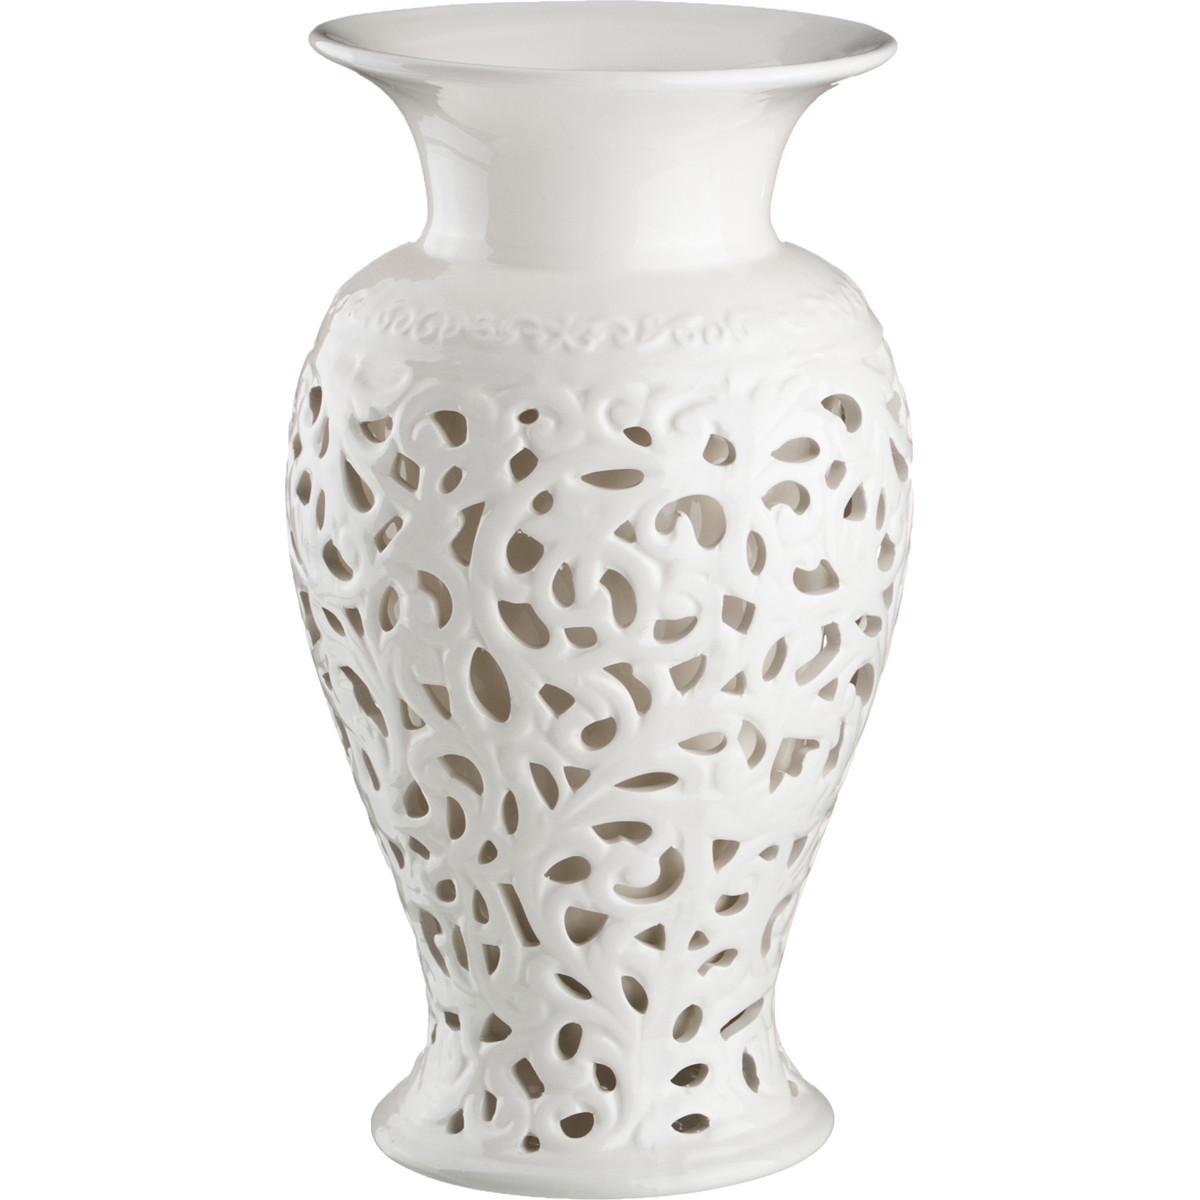 Купить Вазы Lefard, Ваза Dismas (30 см), Китай, Белый, Керамика